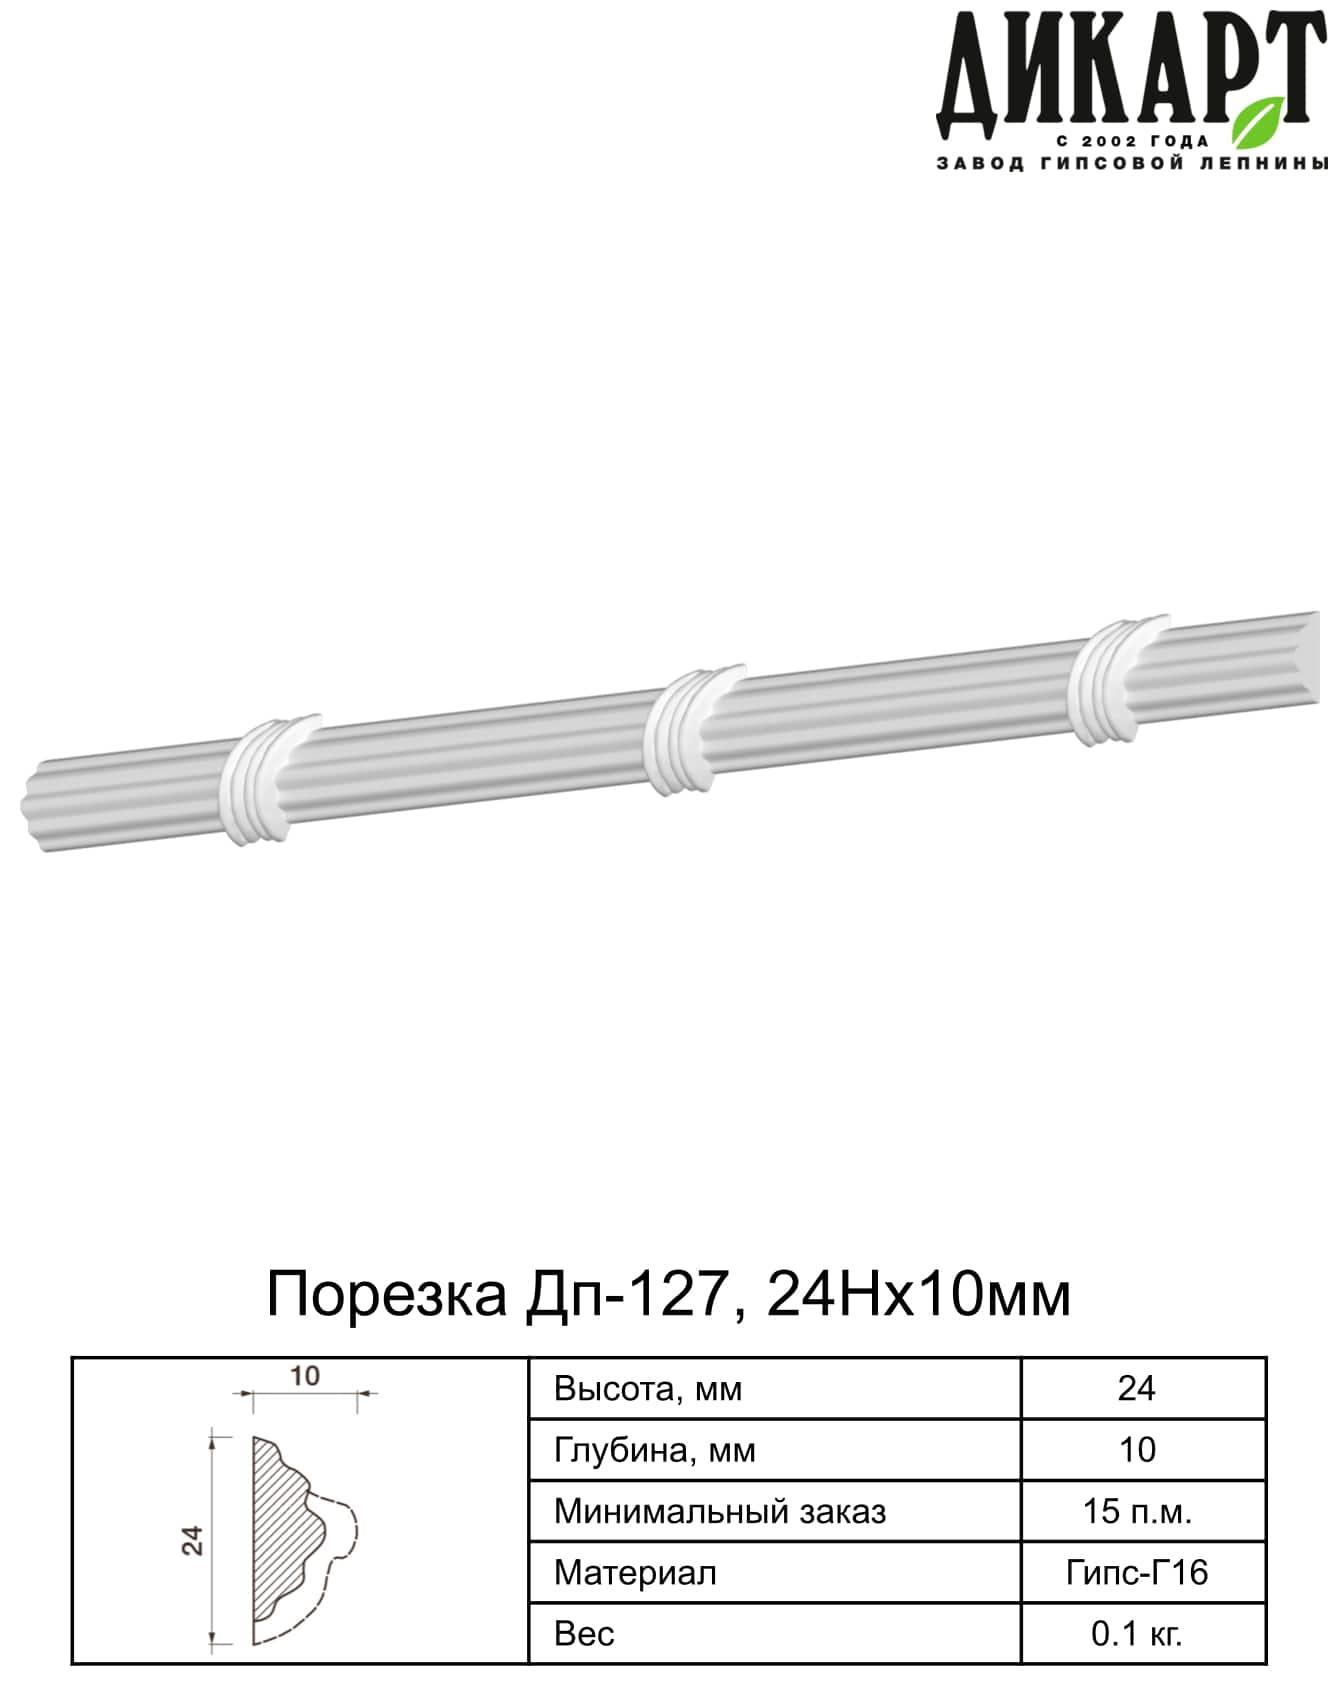 Порезка_Дп-127